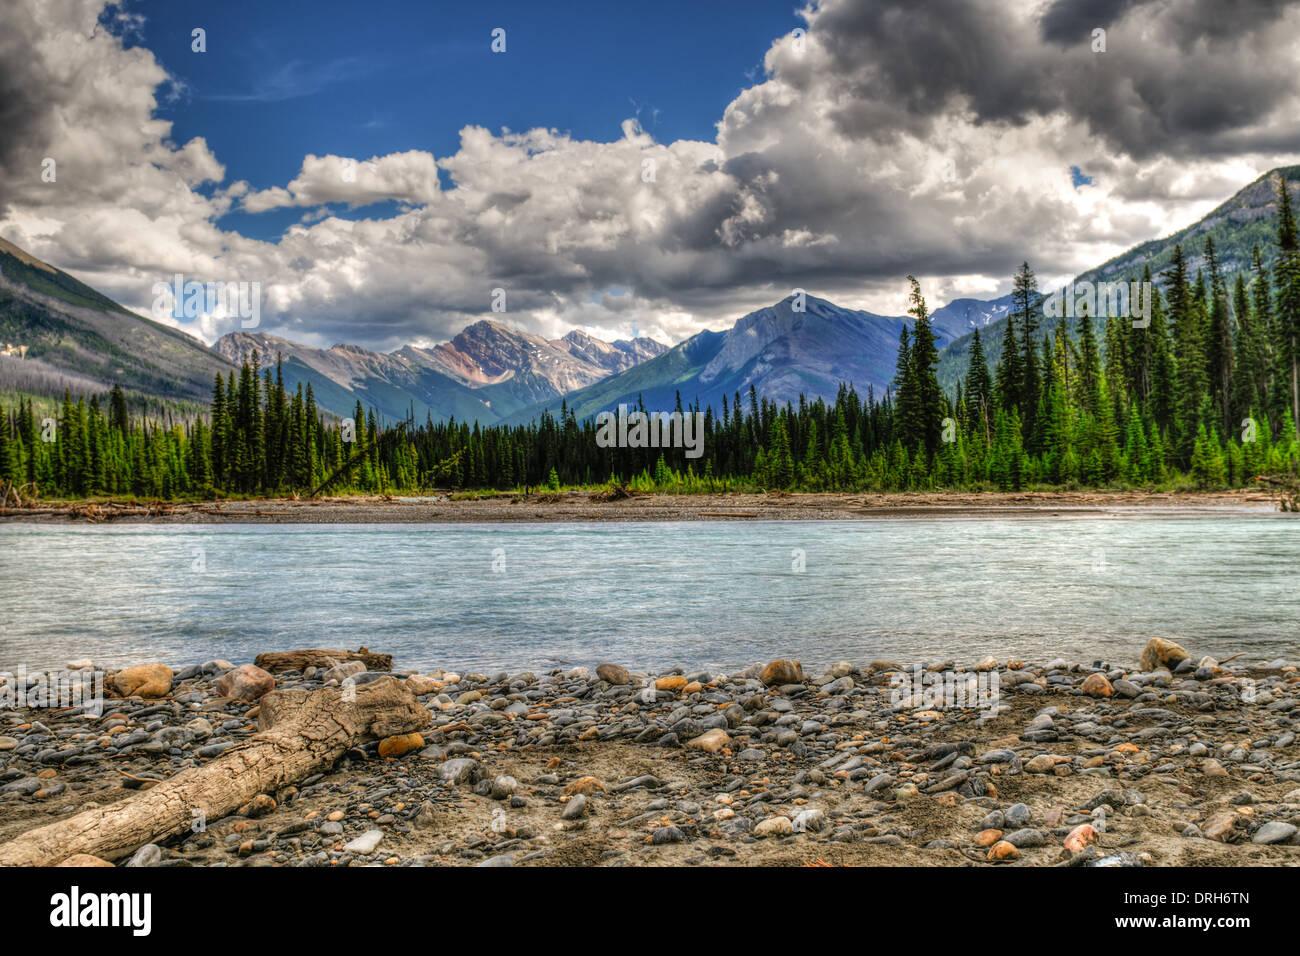 Scenic Mountain views of the Kootenay River, Kootenay National Park, BC Canada - Stock Image